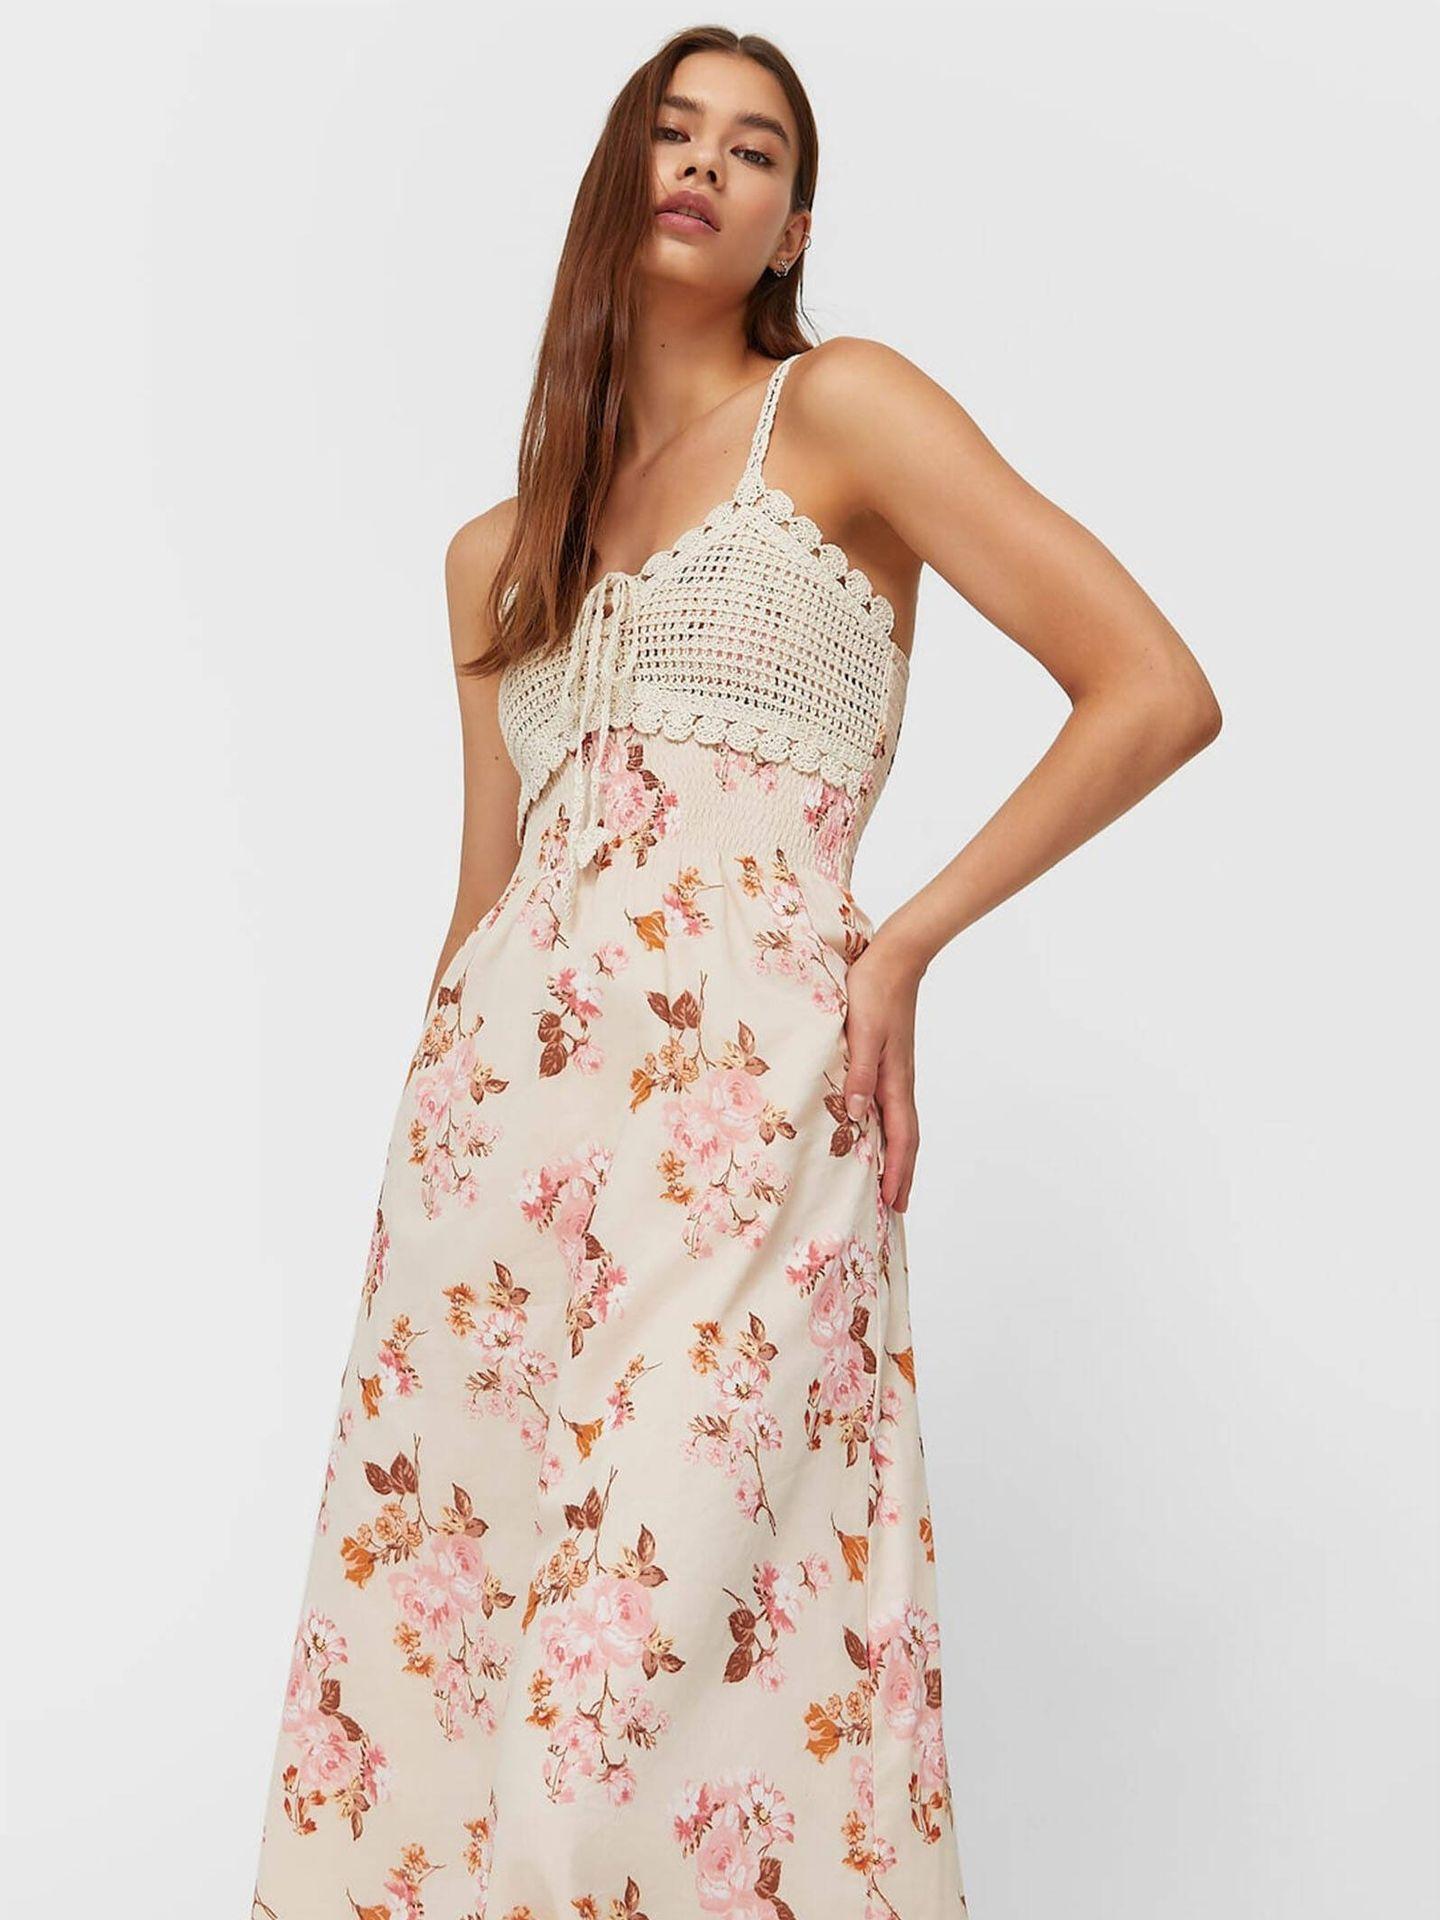 Vestido largo con estampado de flores de Stradivarius. (Cortesía)